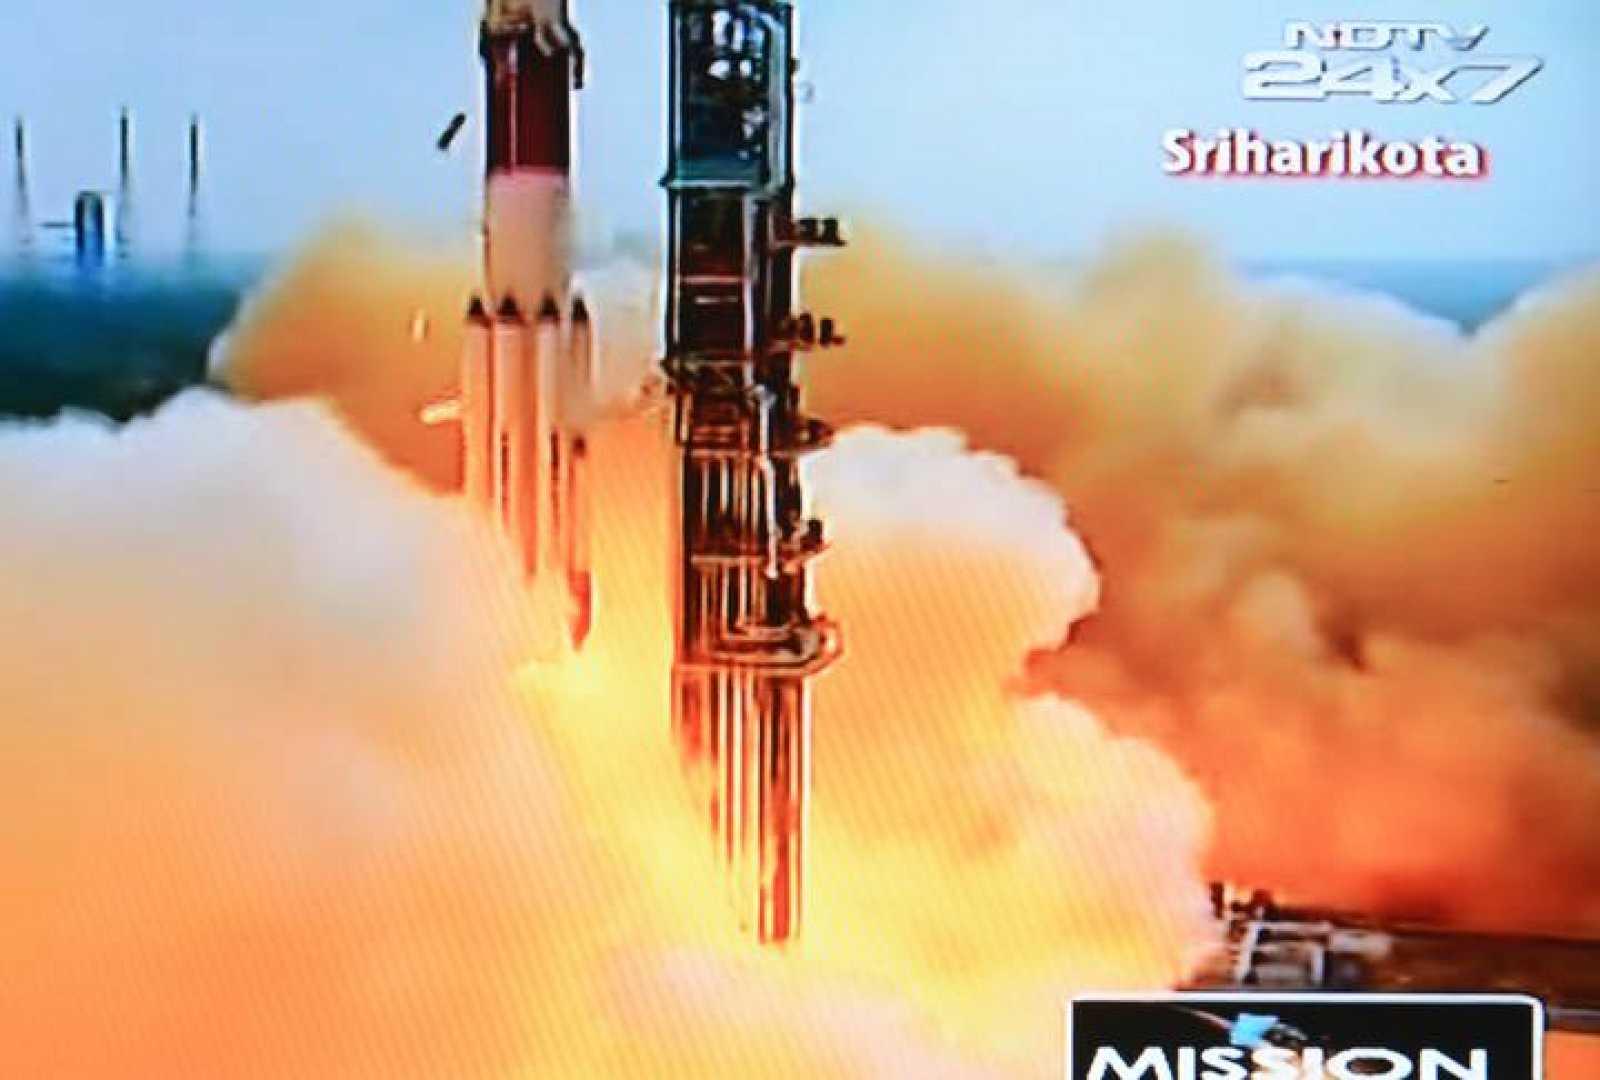 Imagen del lanzamiento de la nave Mangalyaan, que se ha retransmitido en el canal NDTV de la India.